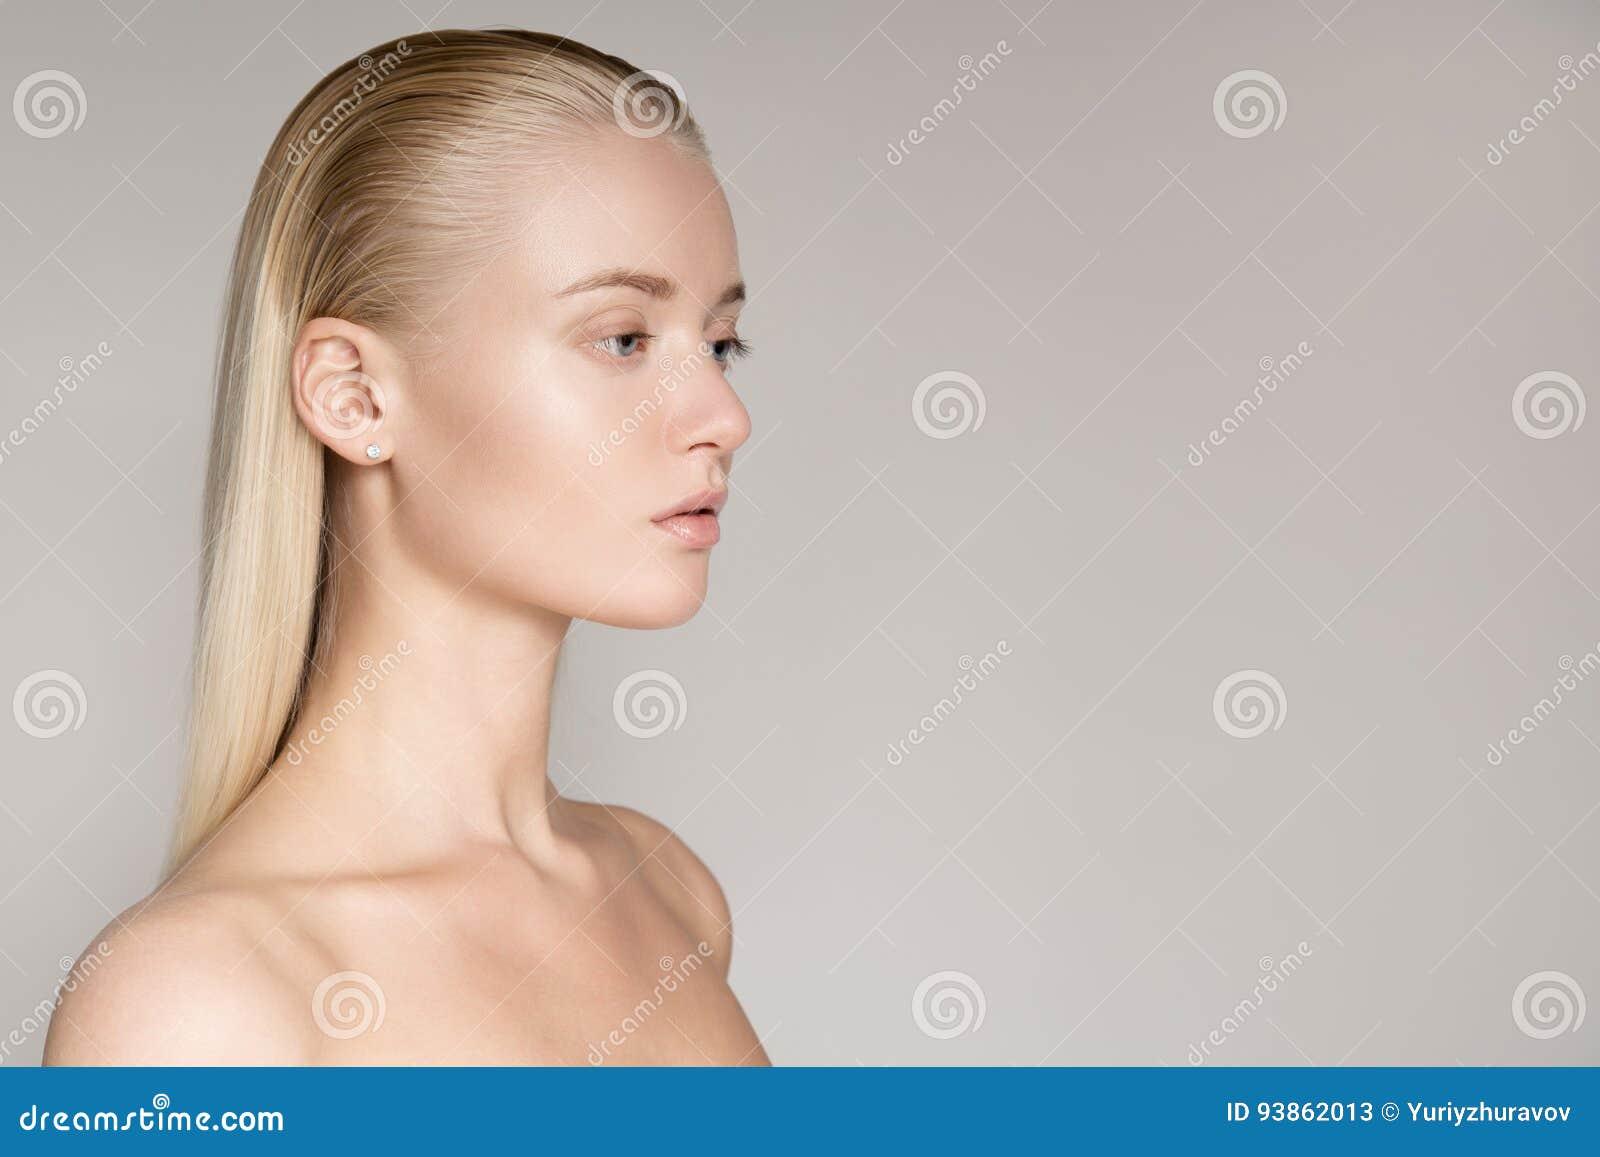 Portret van een Mooie Jonge Blonde Vrouw met Lange Rechte Hai